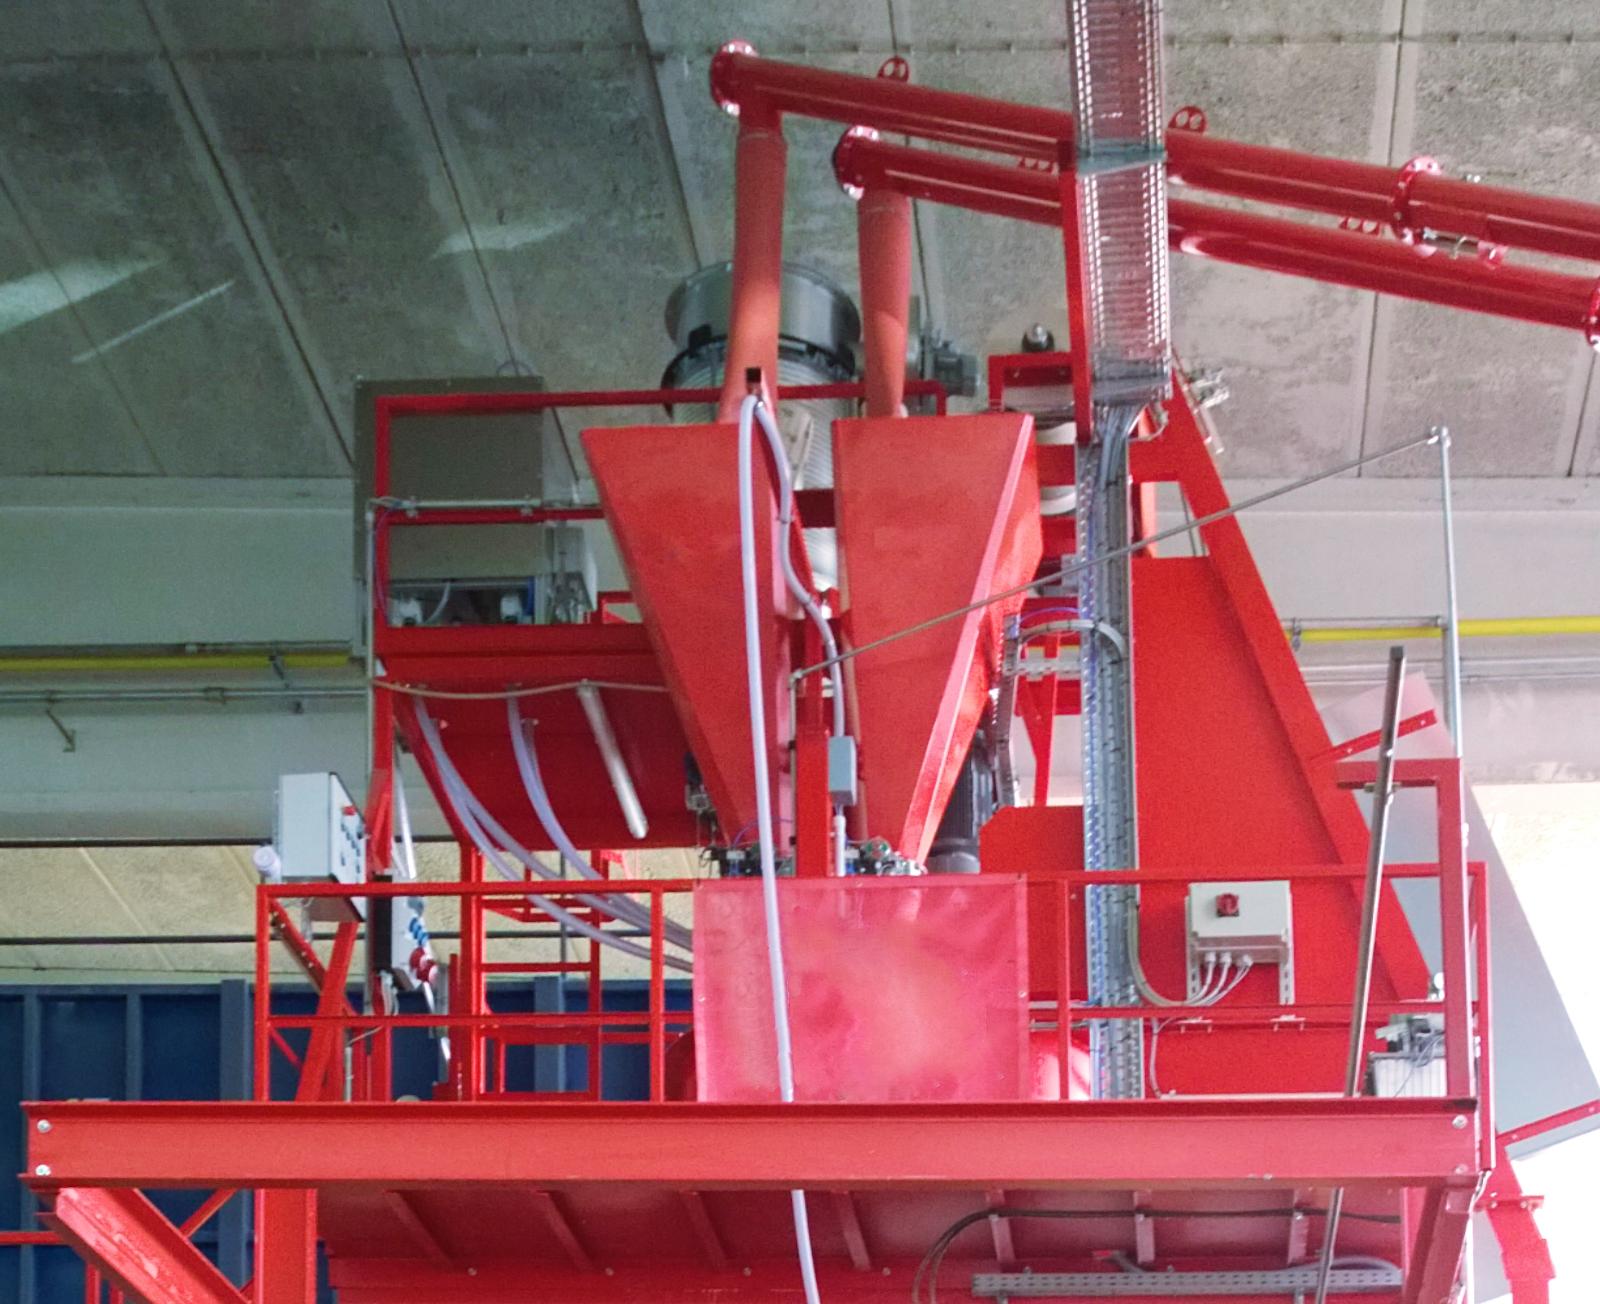 Plate-forme pour malaxeur rouge avec balance à ciment, skip et vis à ciment de la droite.